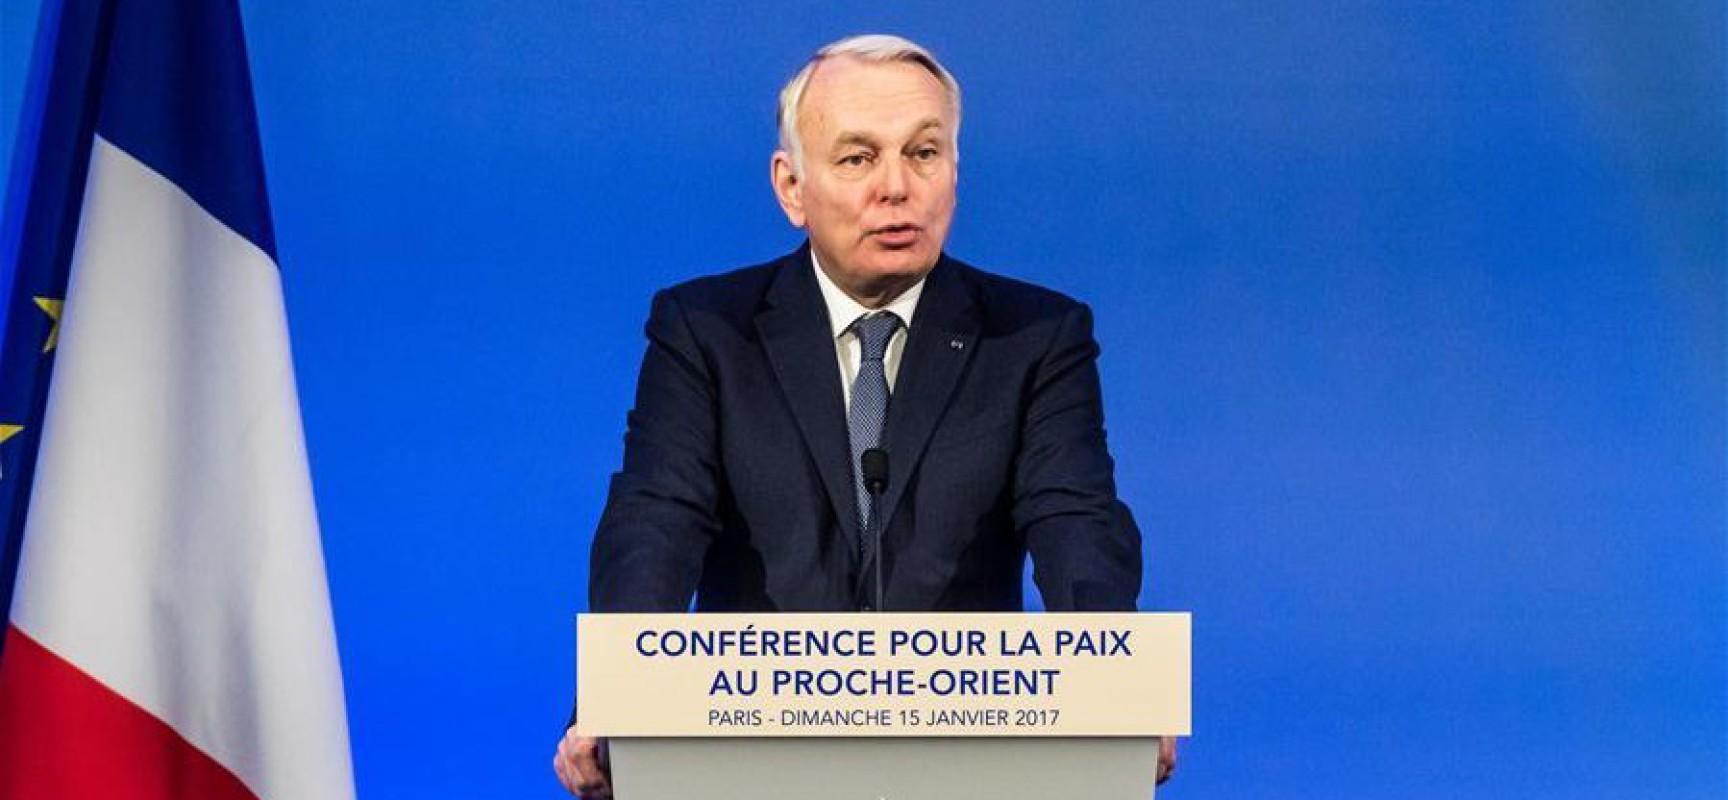 La France s'engage dans une coopération totale avec l'esprit sioniste